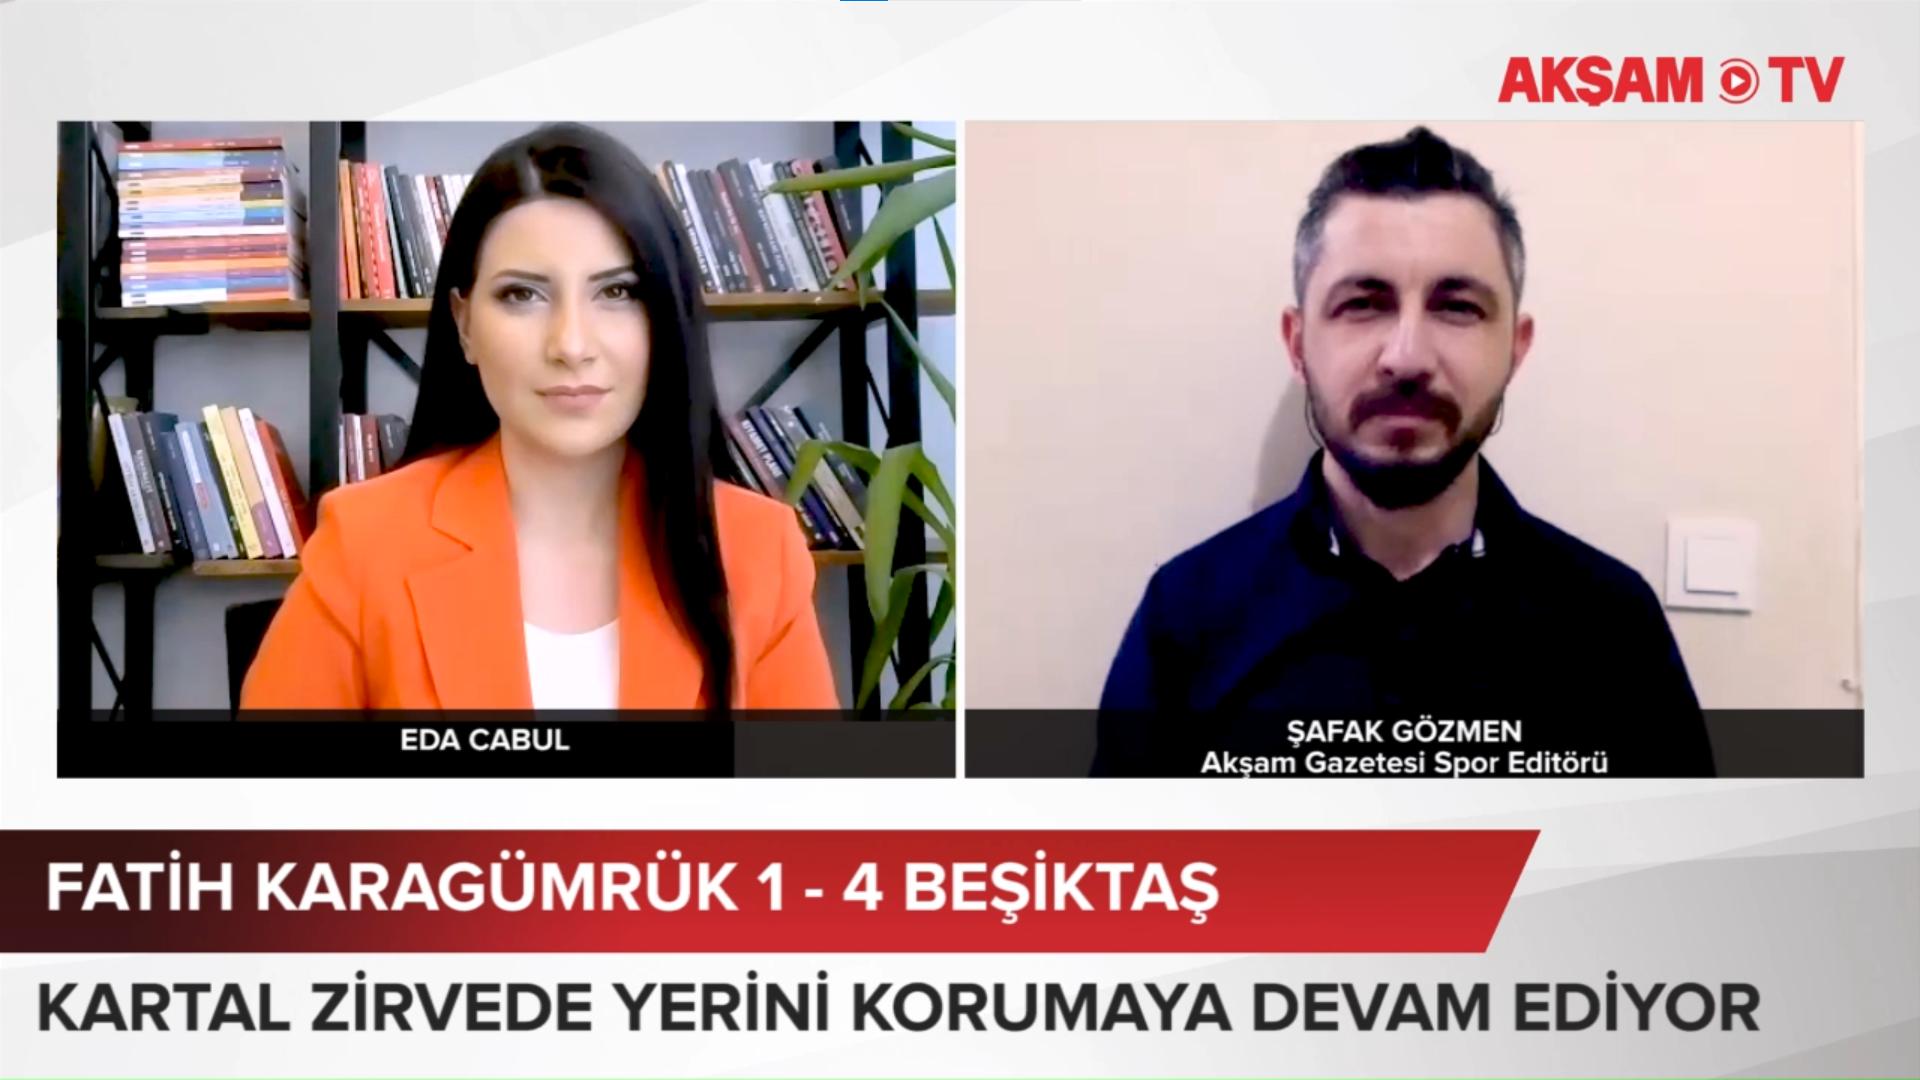 <h3>Süper Lig'in 20. haftasında Fatih Karagümrük ve Beşiktaş karşı karşıya geldi. Maç Kara Kartal'ın